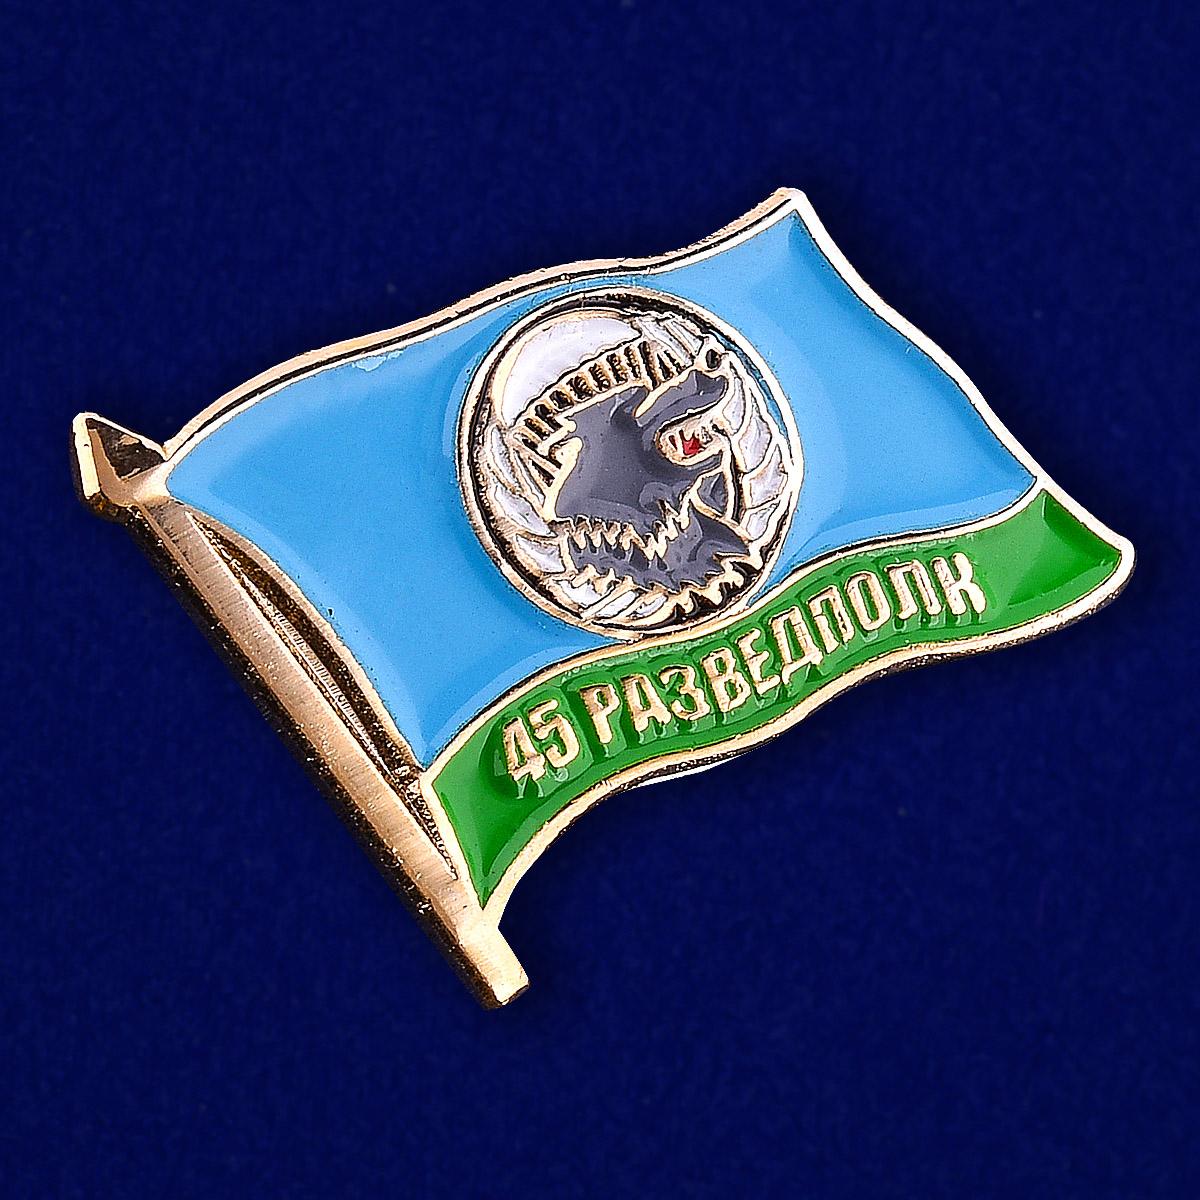 Значок для разведчиков ВДВ 45-го полка